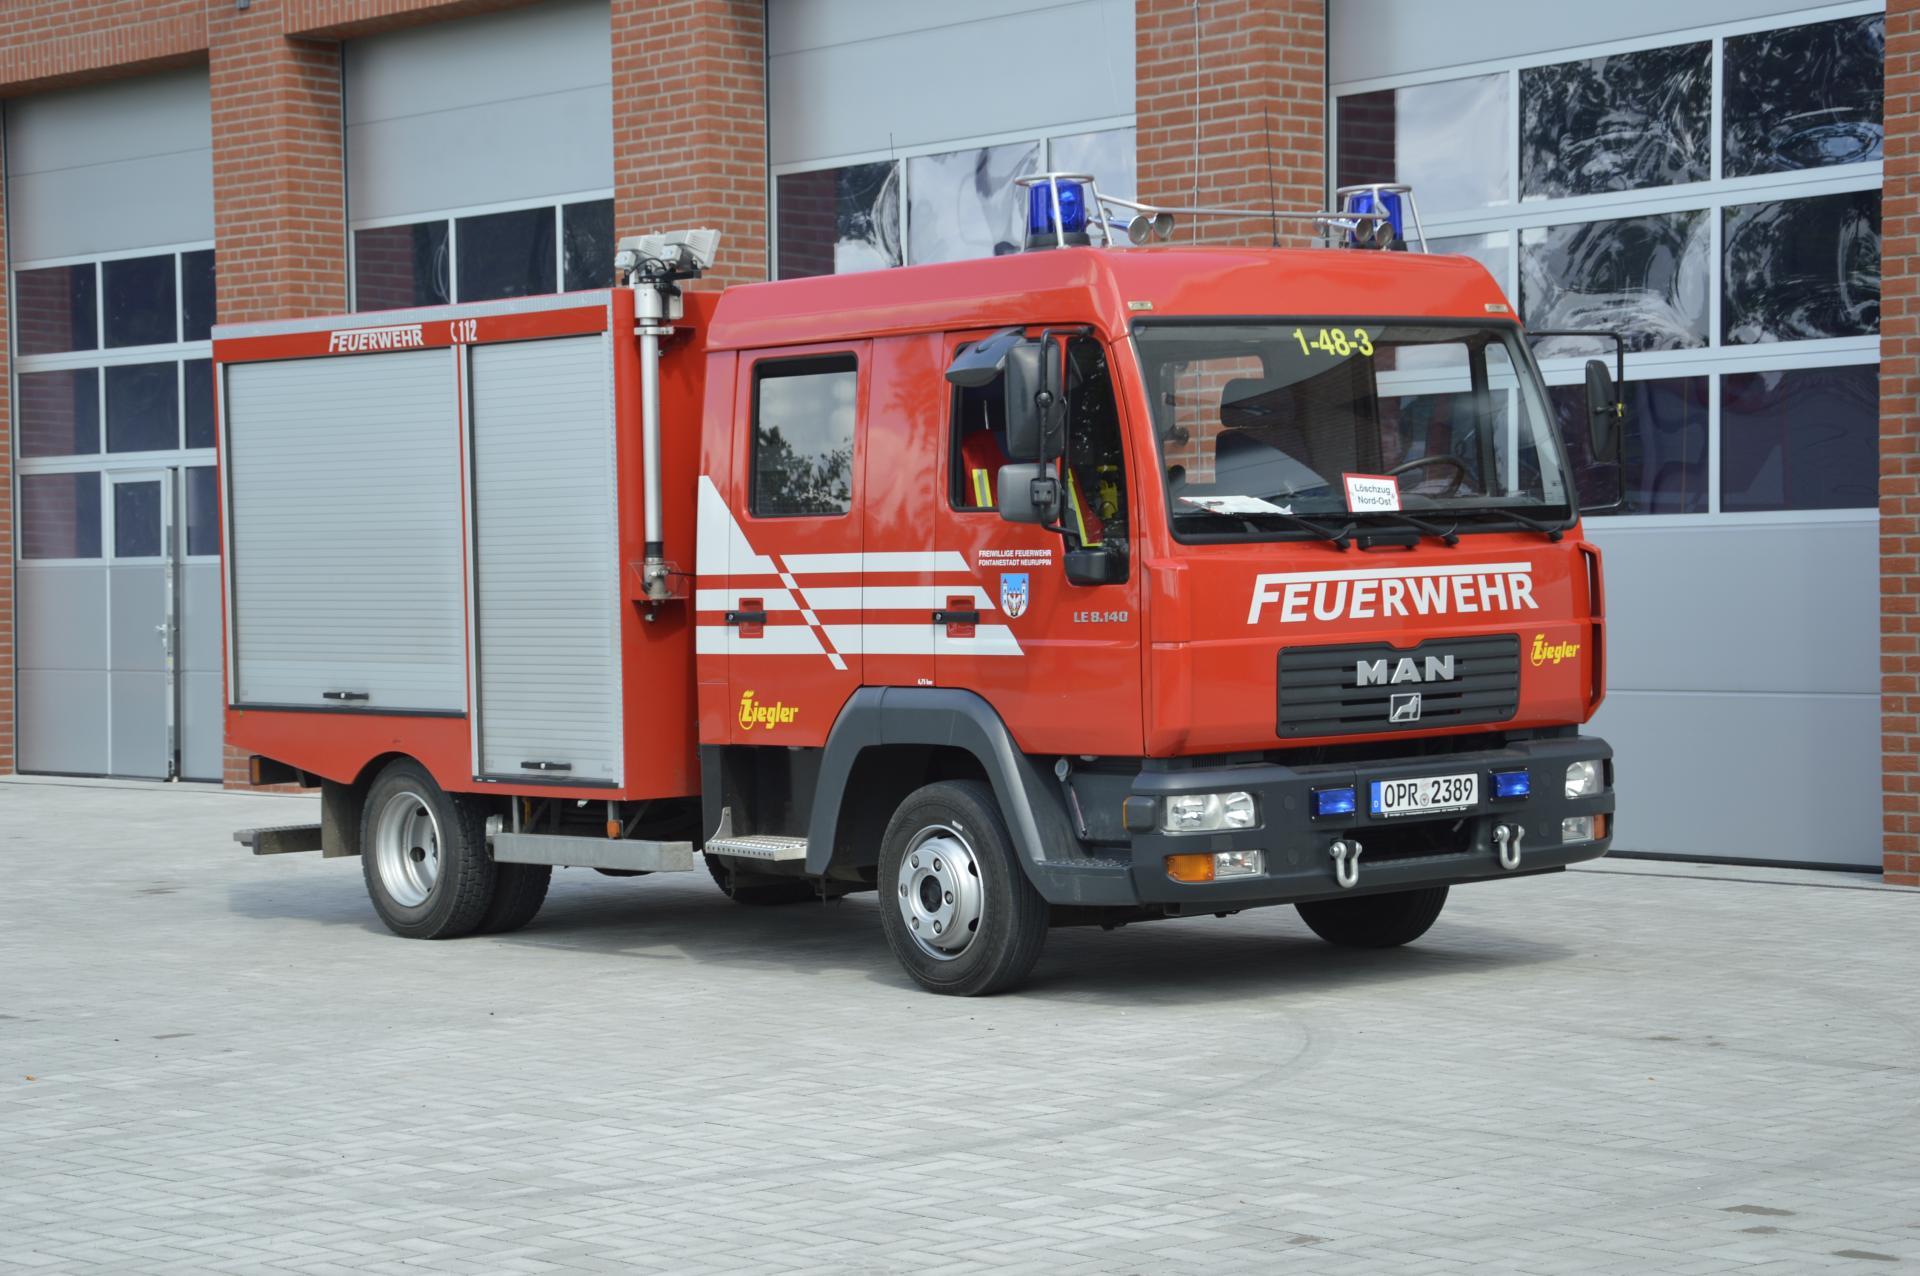 TSF-W 1-48-3